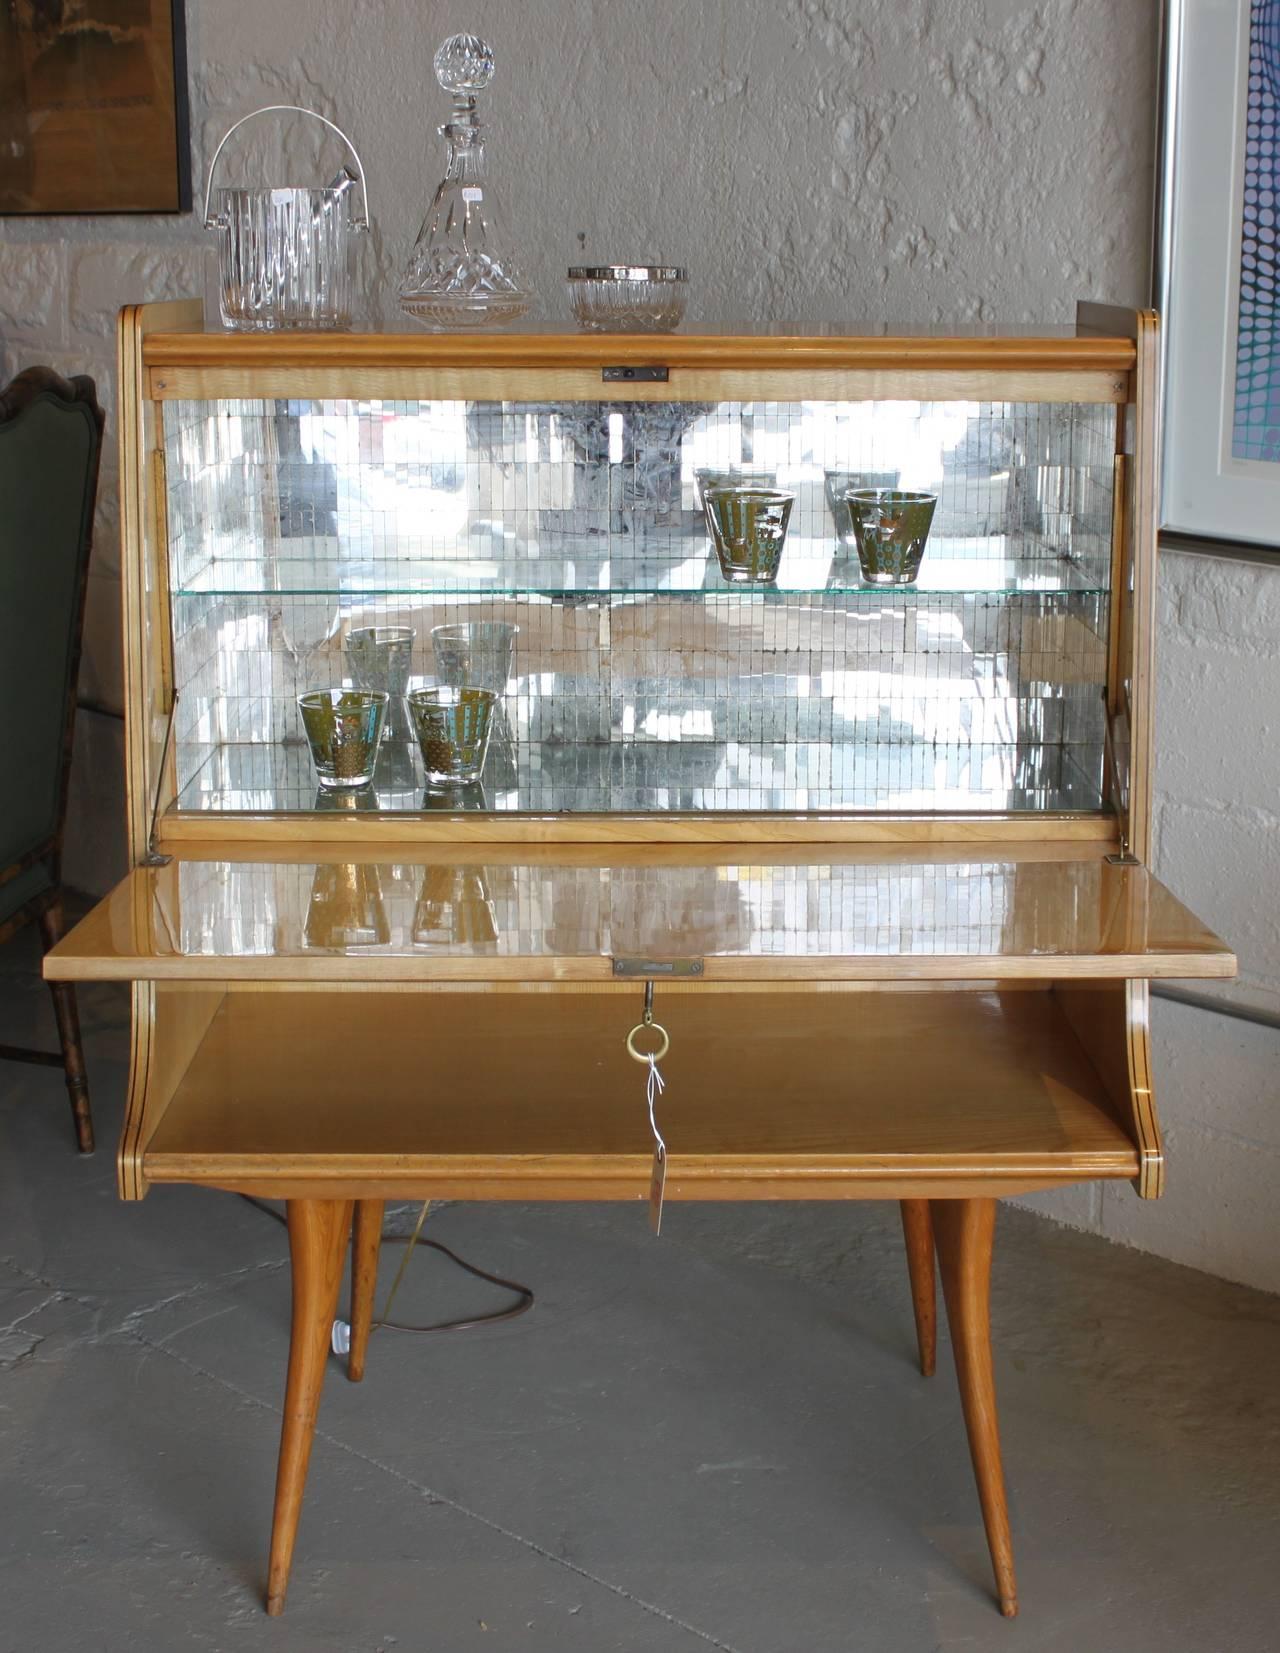 randi century wood world product style thumb img cabinet bar do market mid